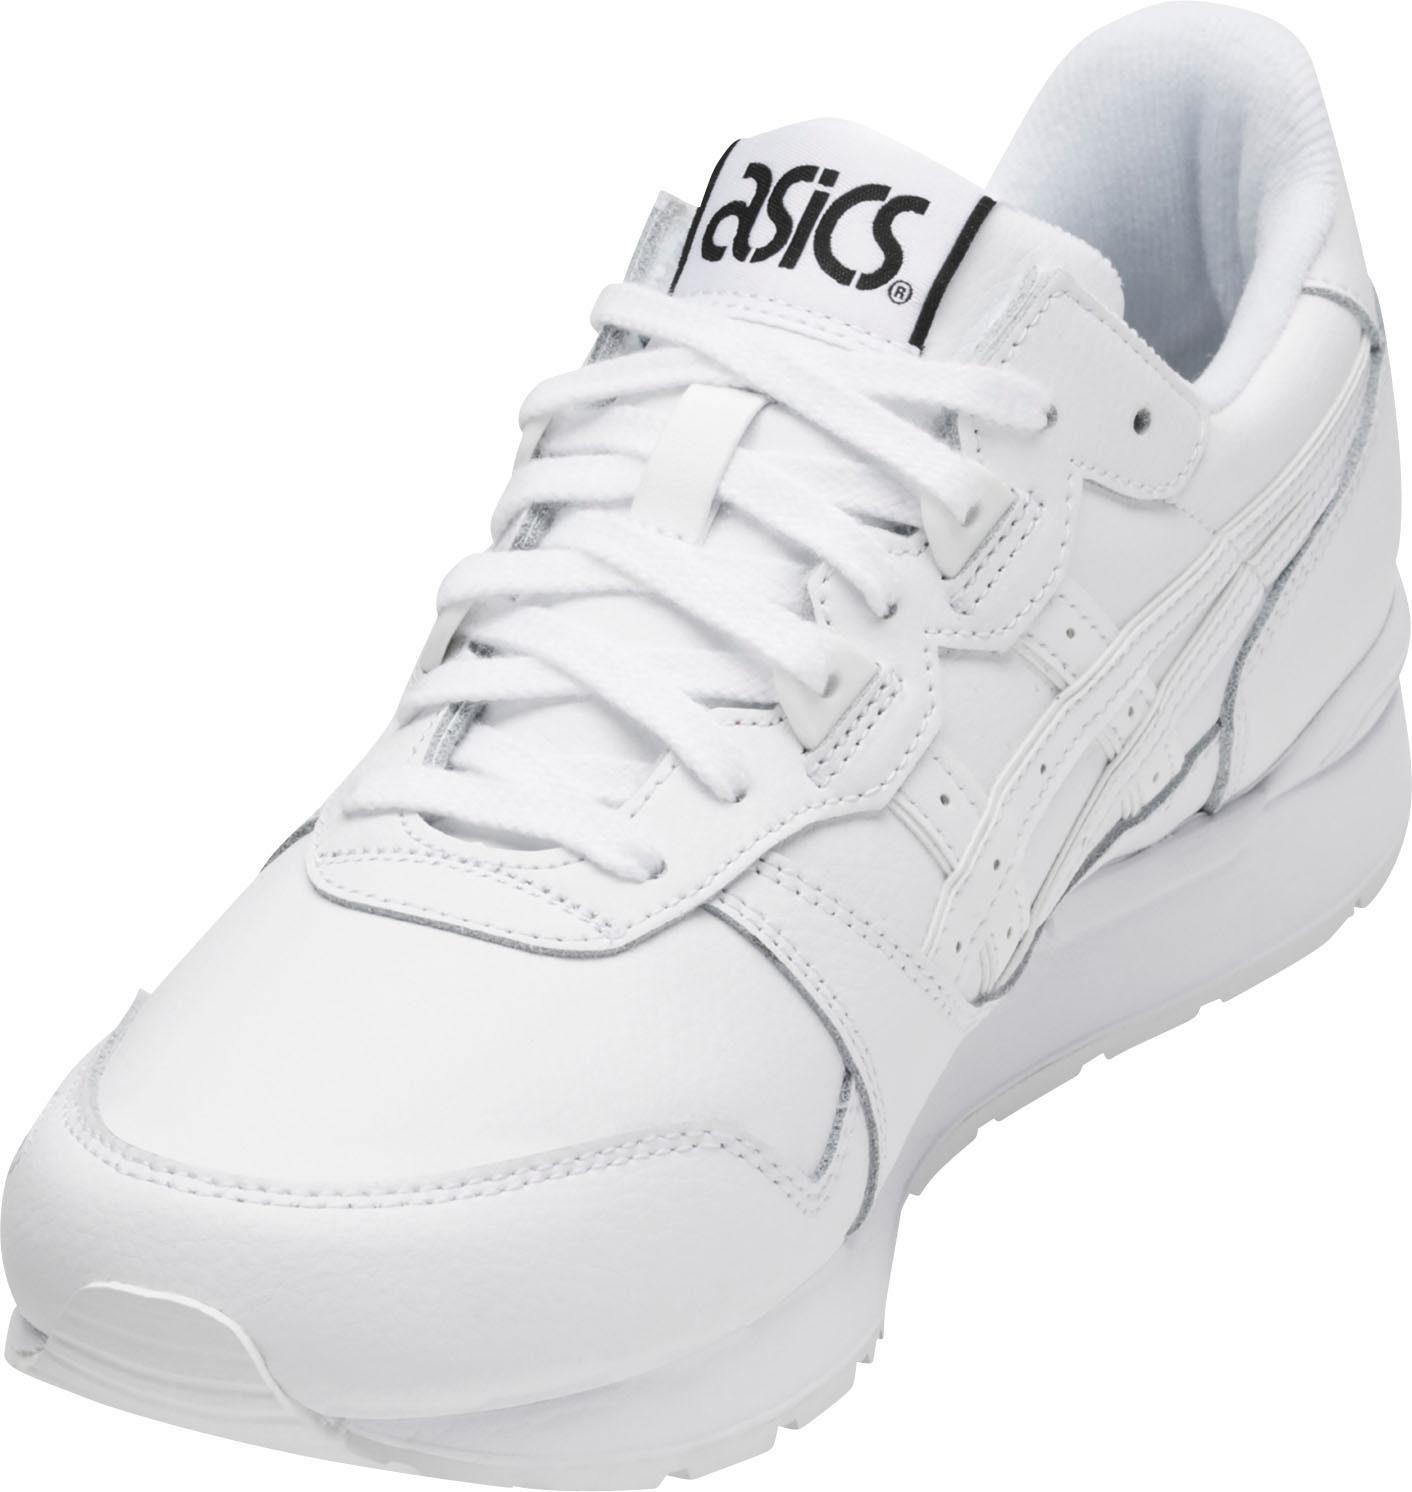 ASICS tiger GEL-LYTE Sneaker online kaufen  weiß